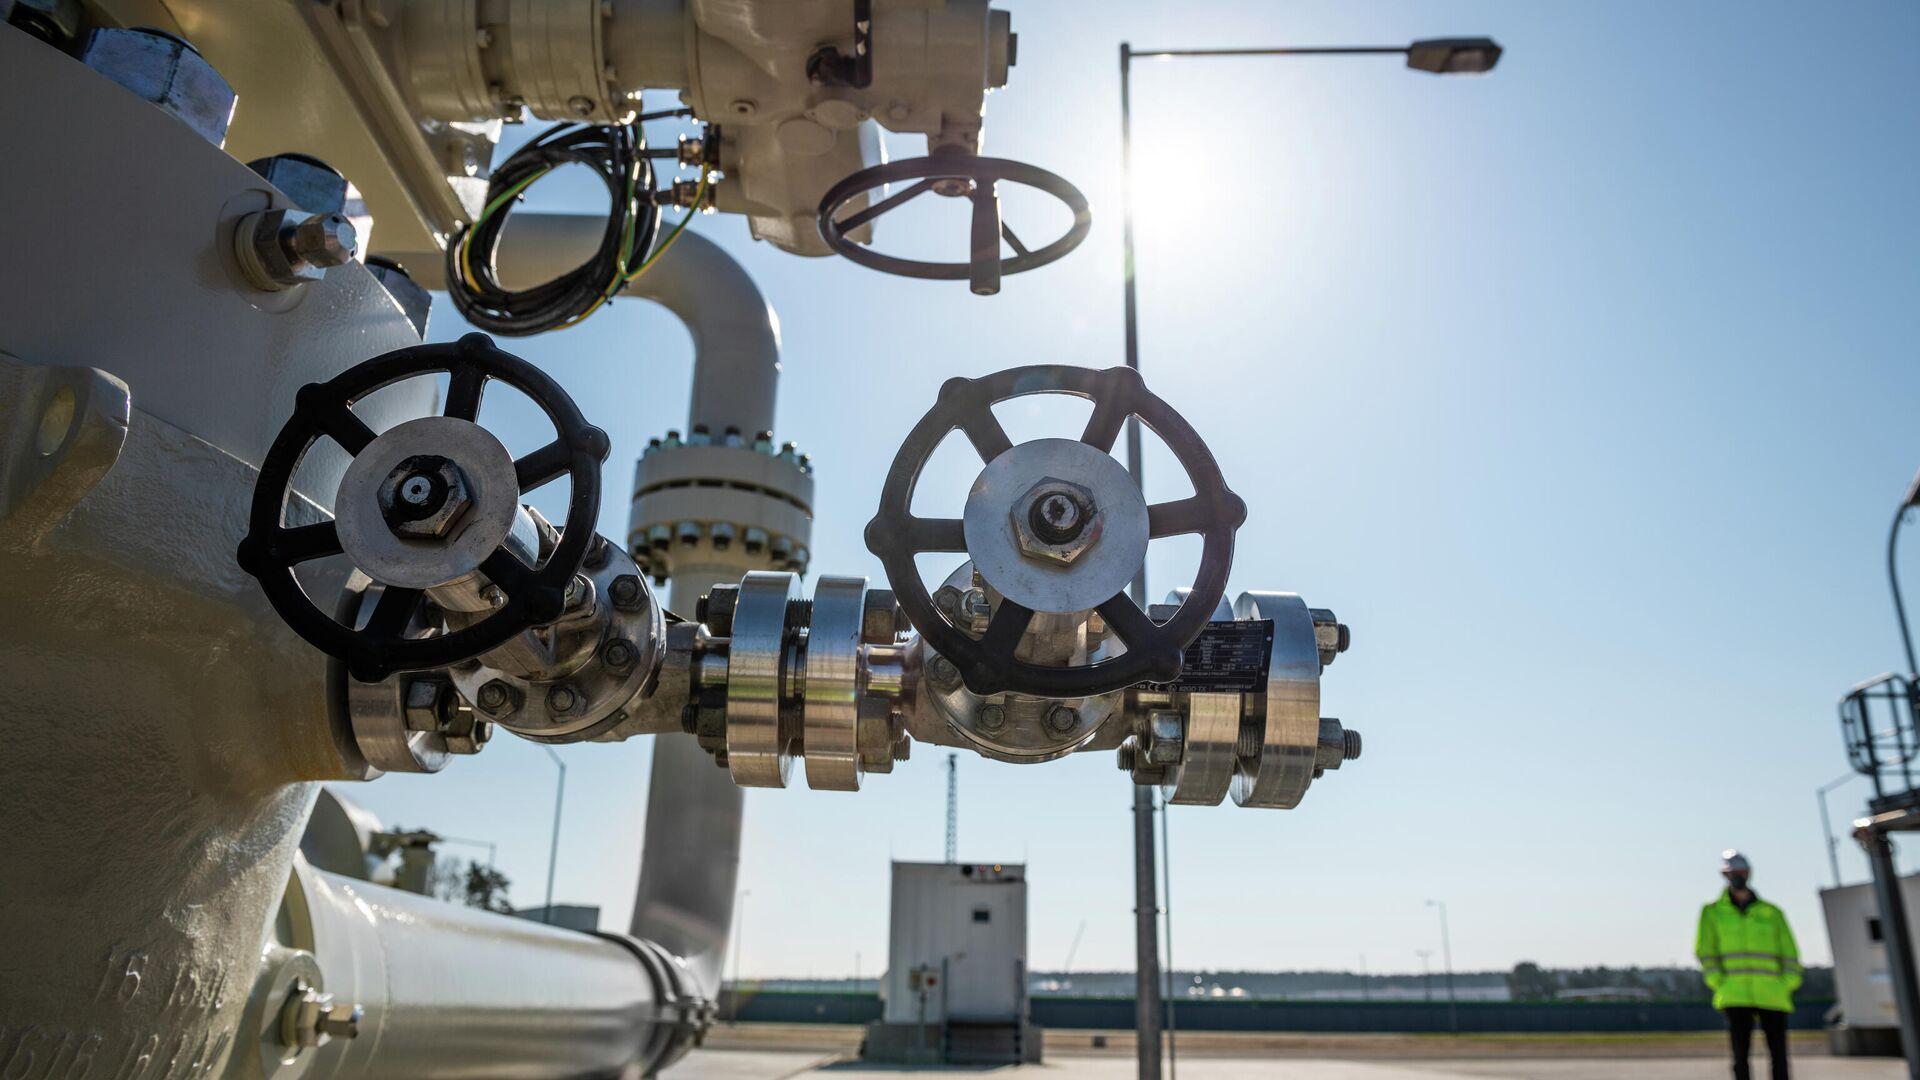 La construcción del gasoducto Nord Stream 2 en Alemania - Sputnik Mundo, 1920, 08.04.2021